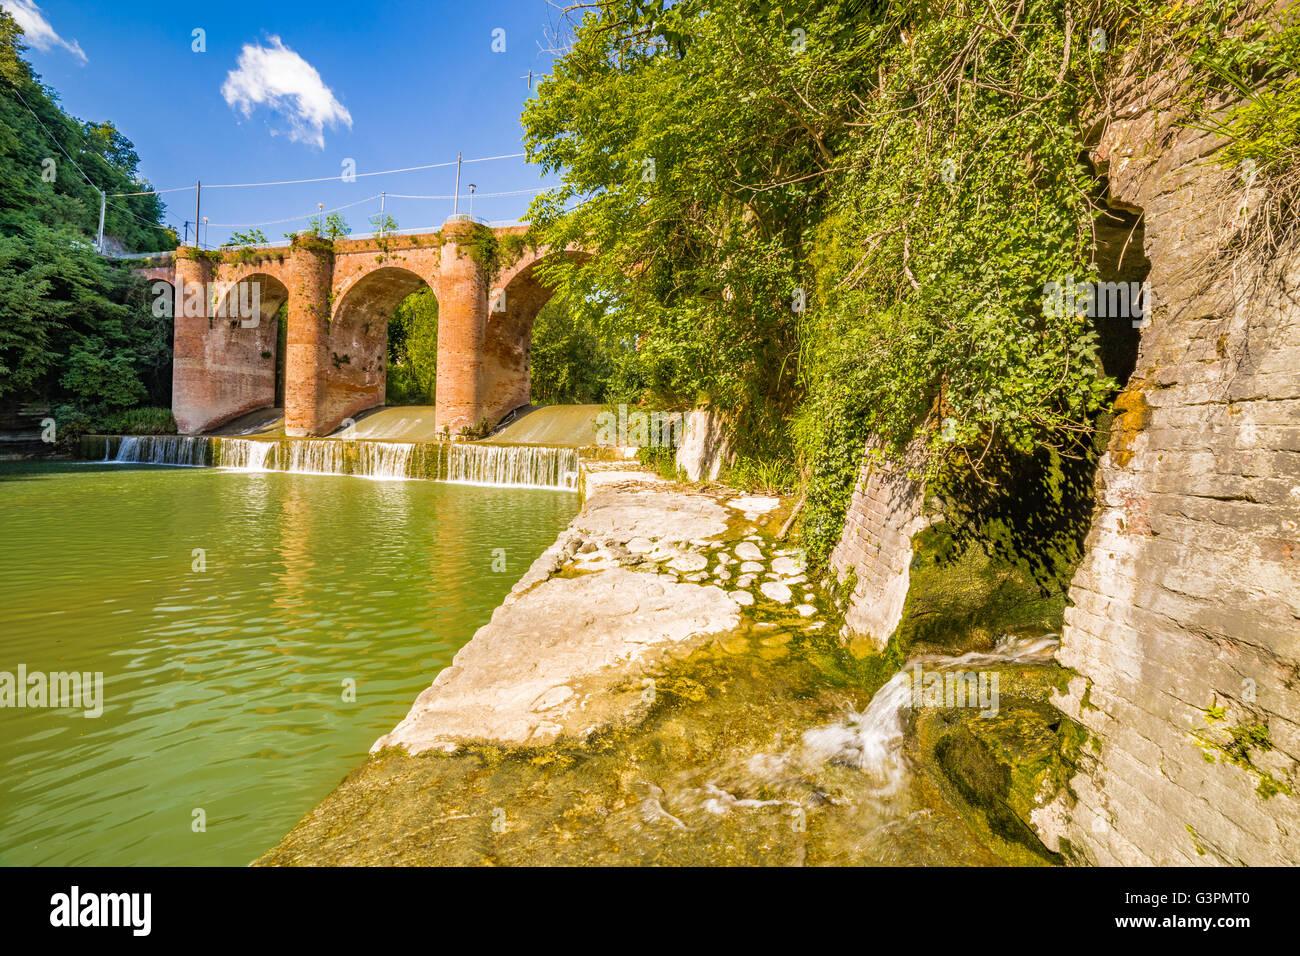 Ponte In Muratura.Il Xiv Secolo Ponte In Muratura Sul Fiume In Un Piccolo